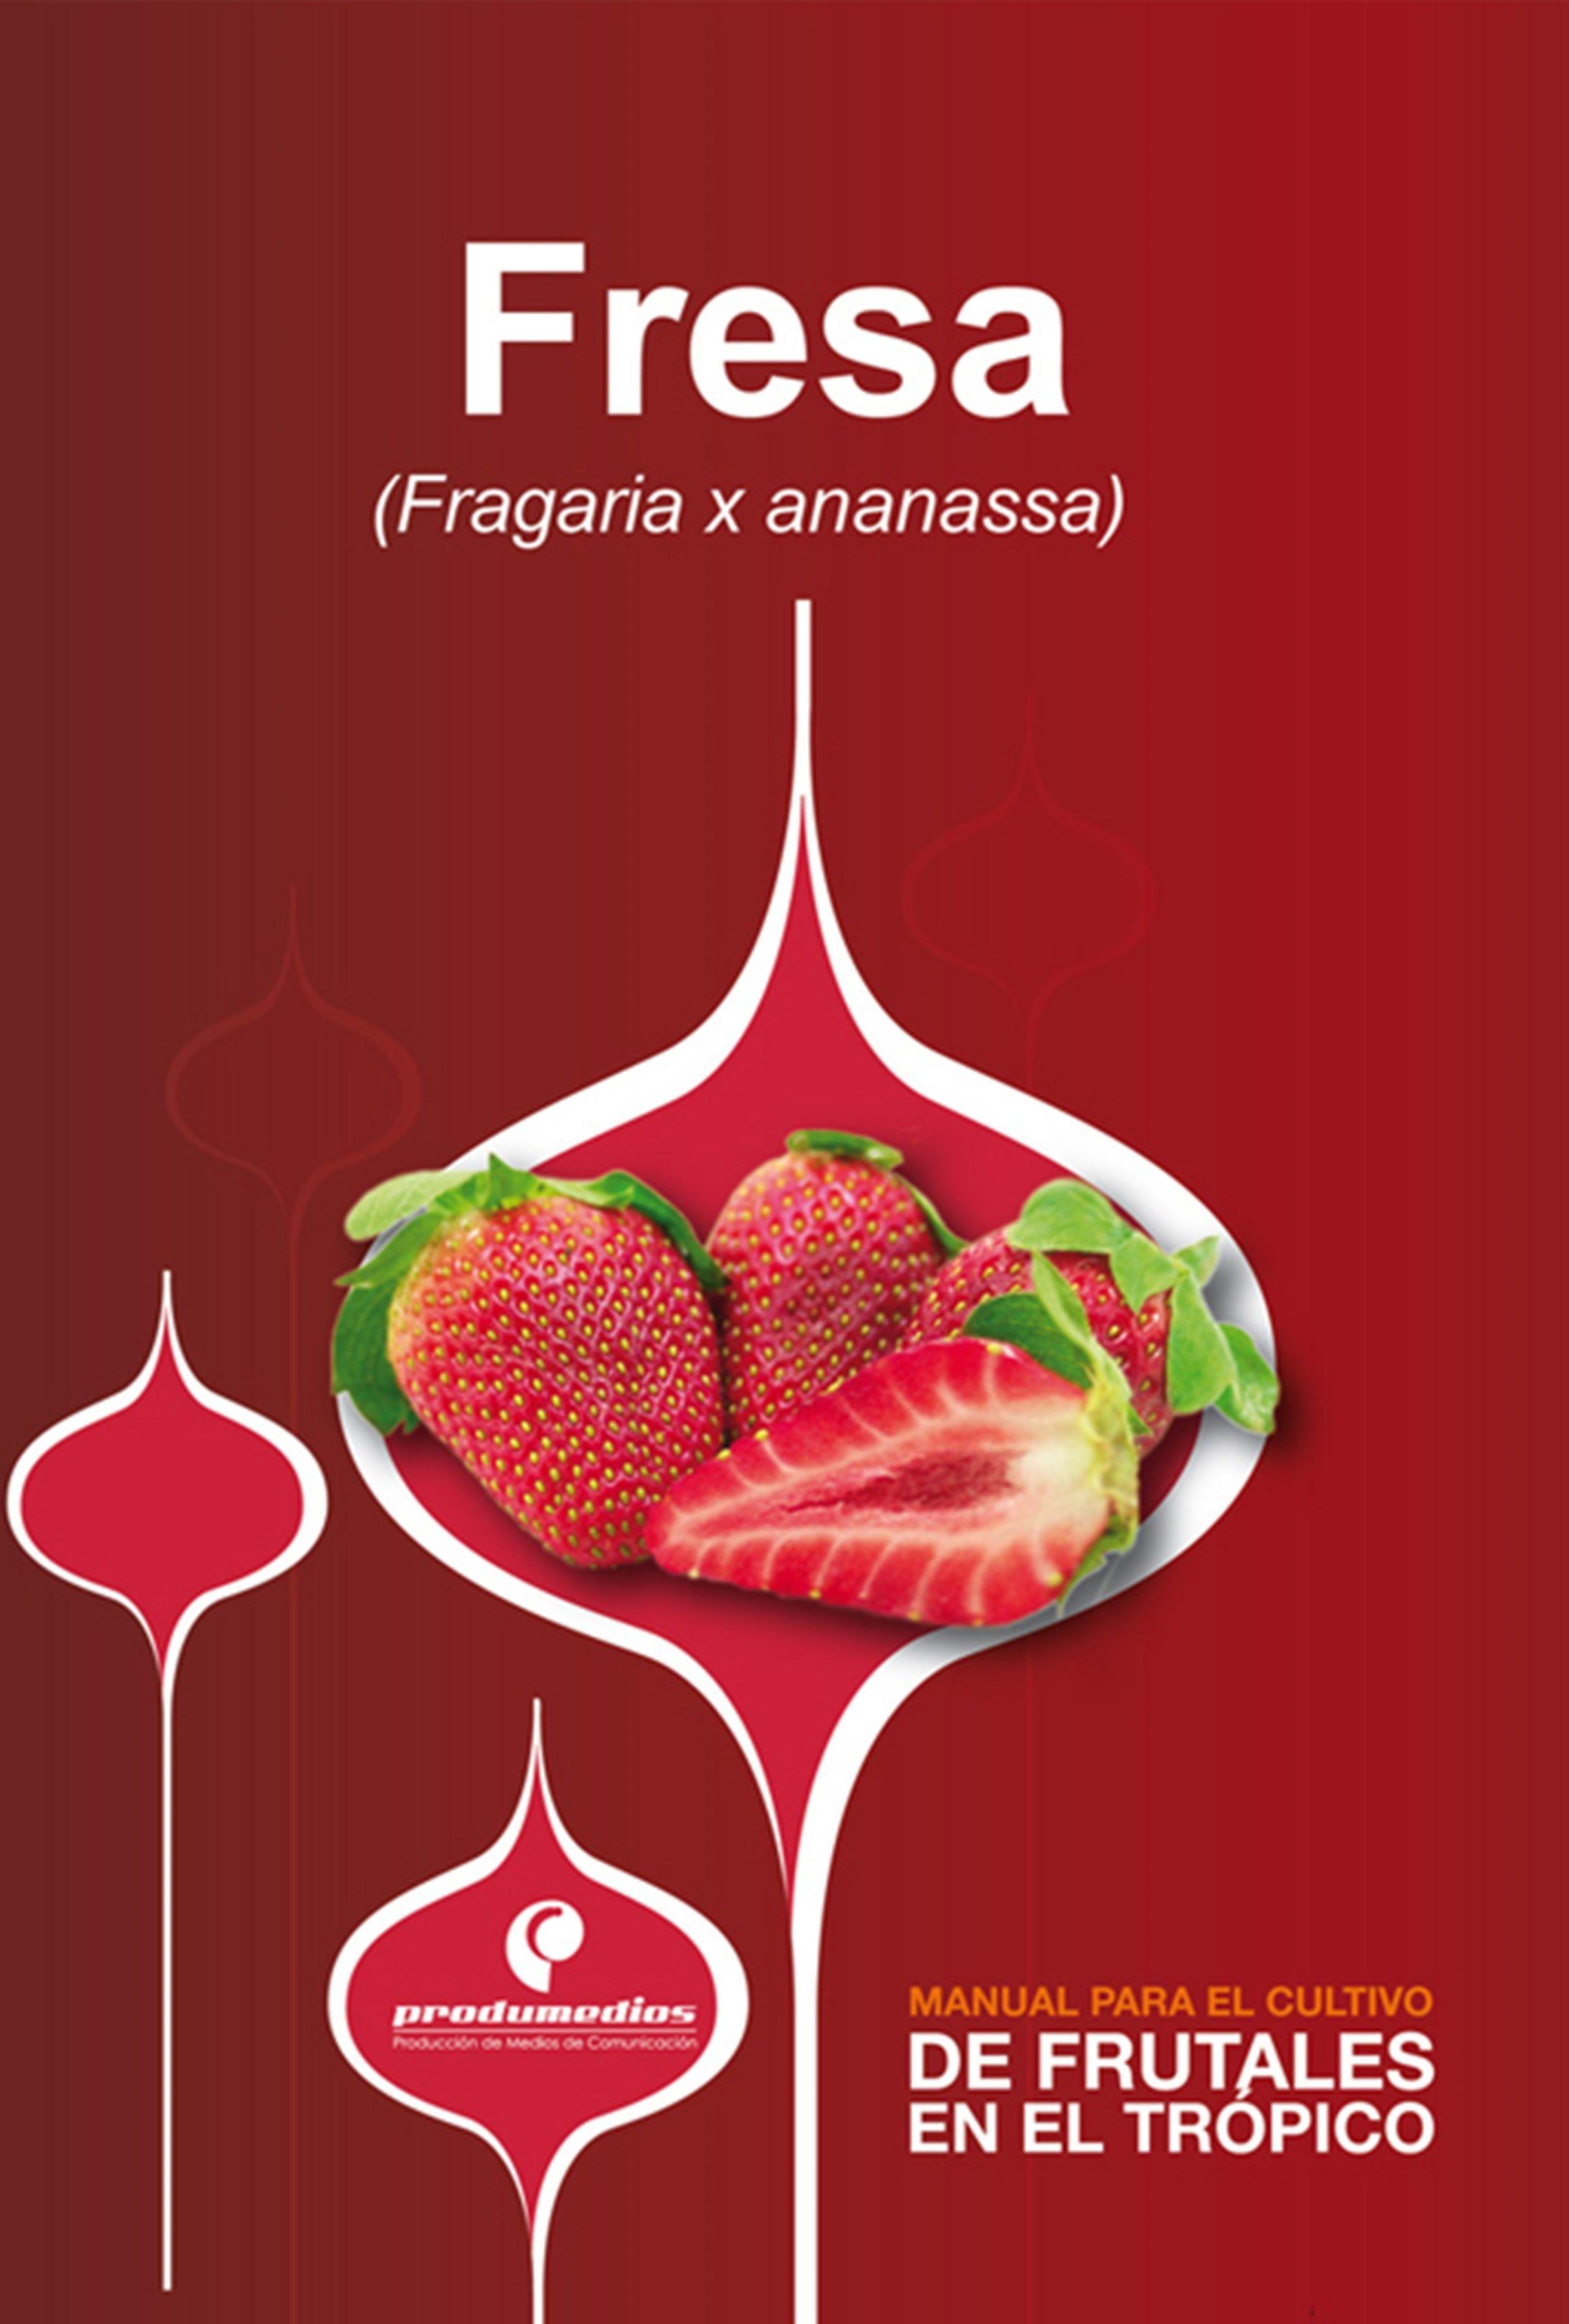 manual para el cultivo de frutales en el trópico. fresa (ebook ...